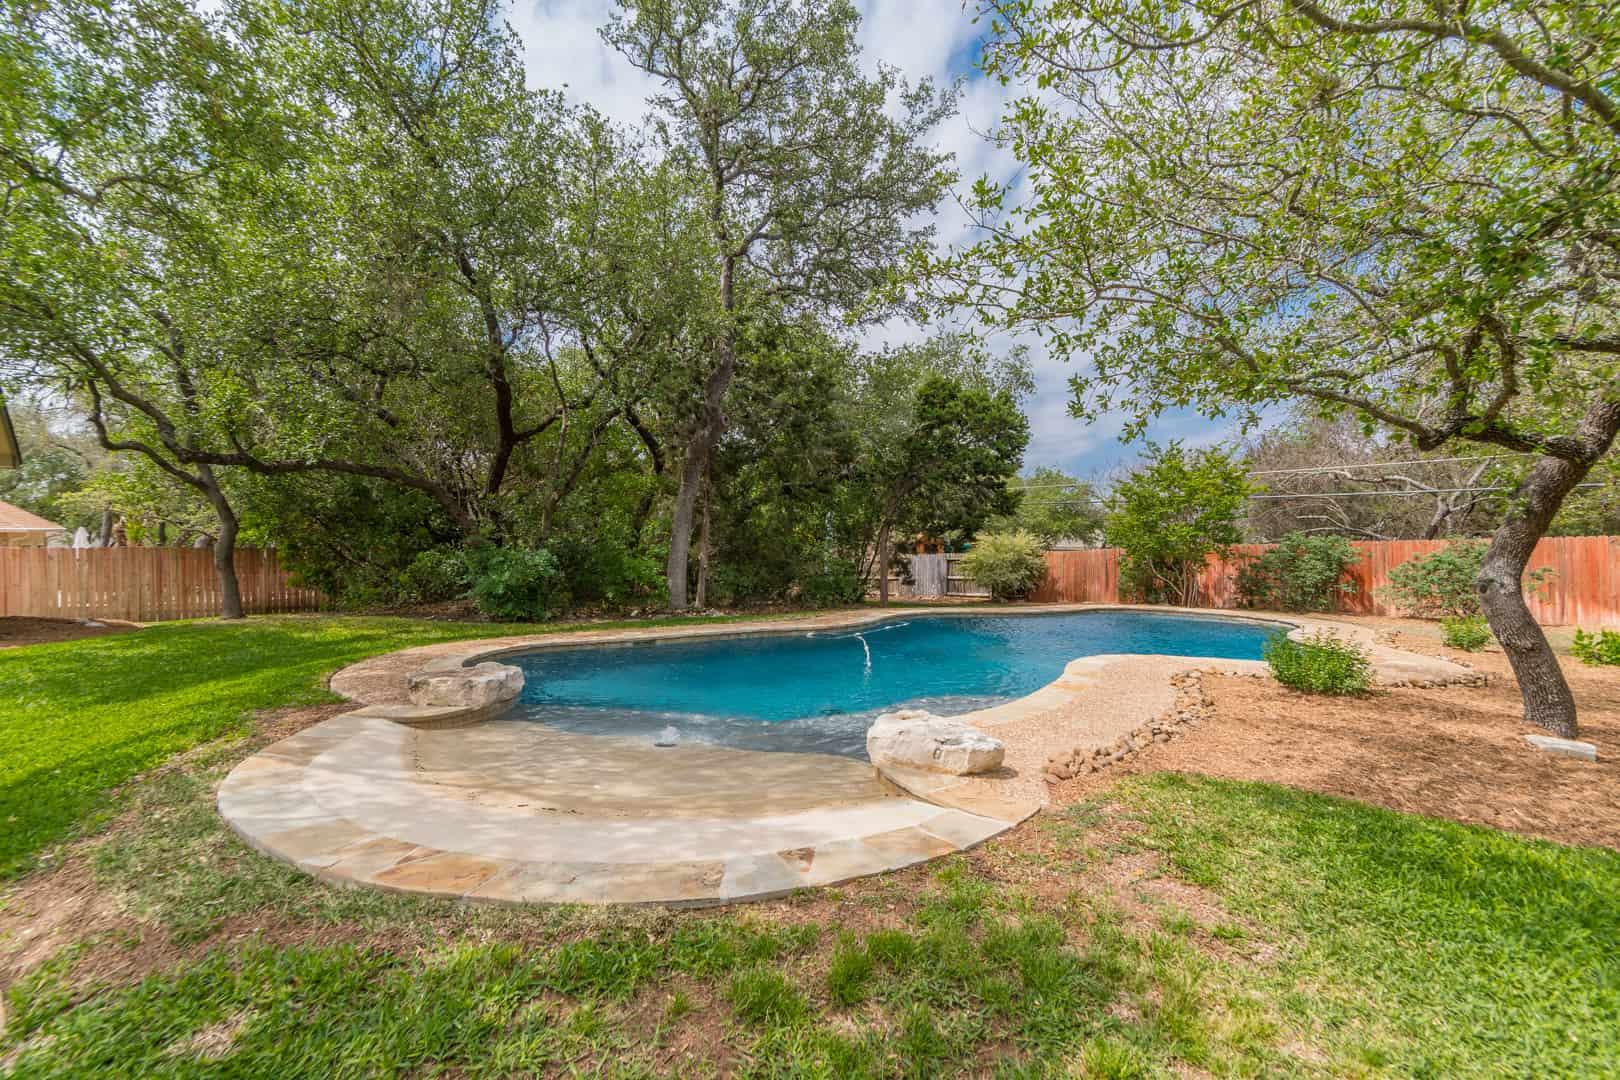 Maytum Circle pool